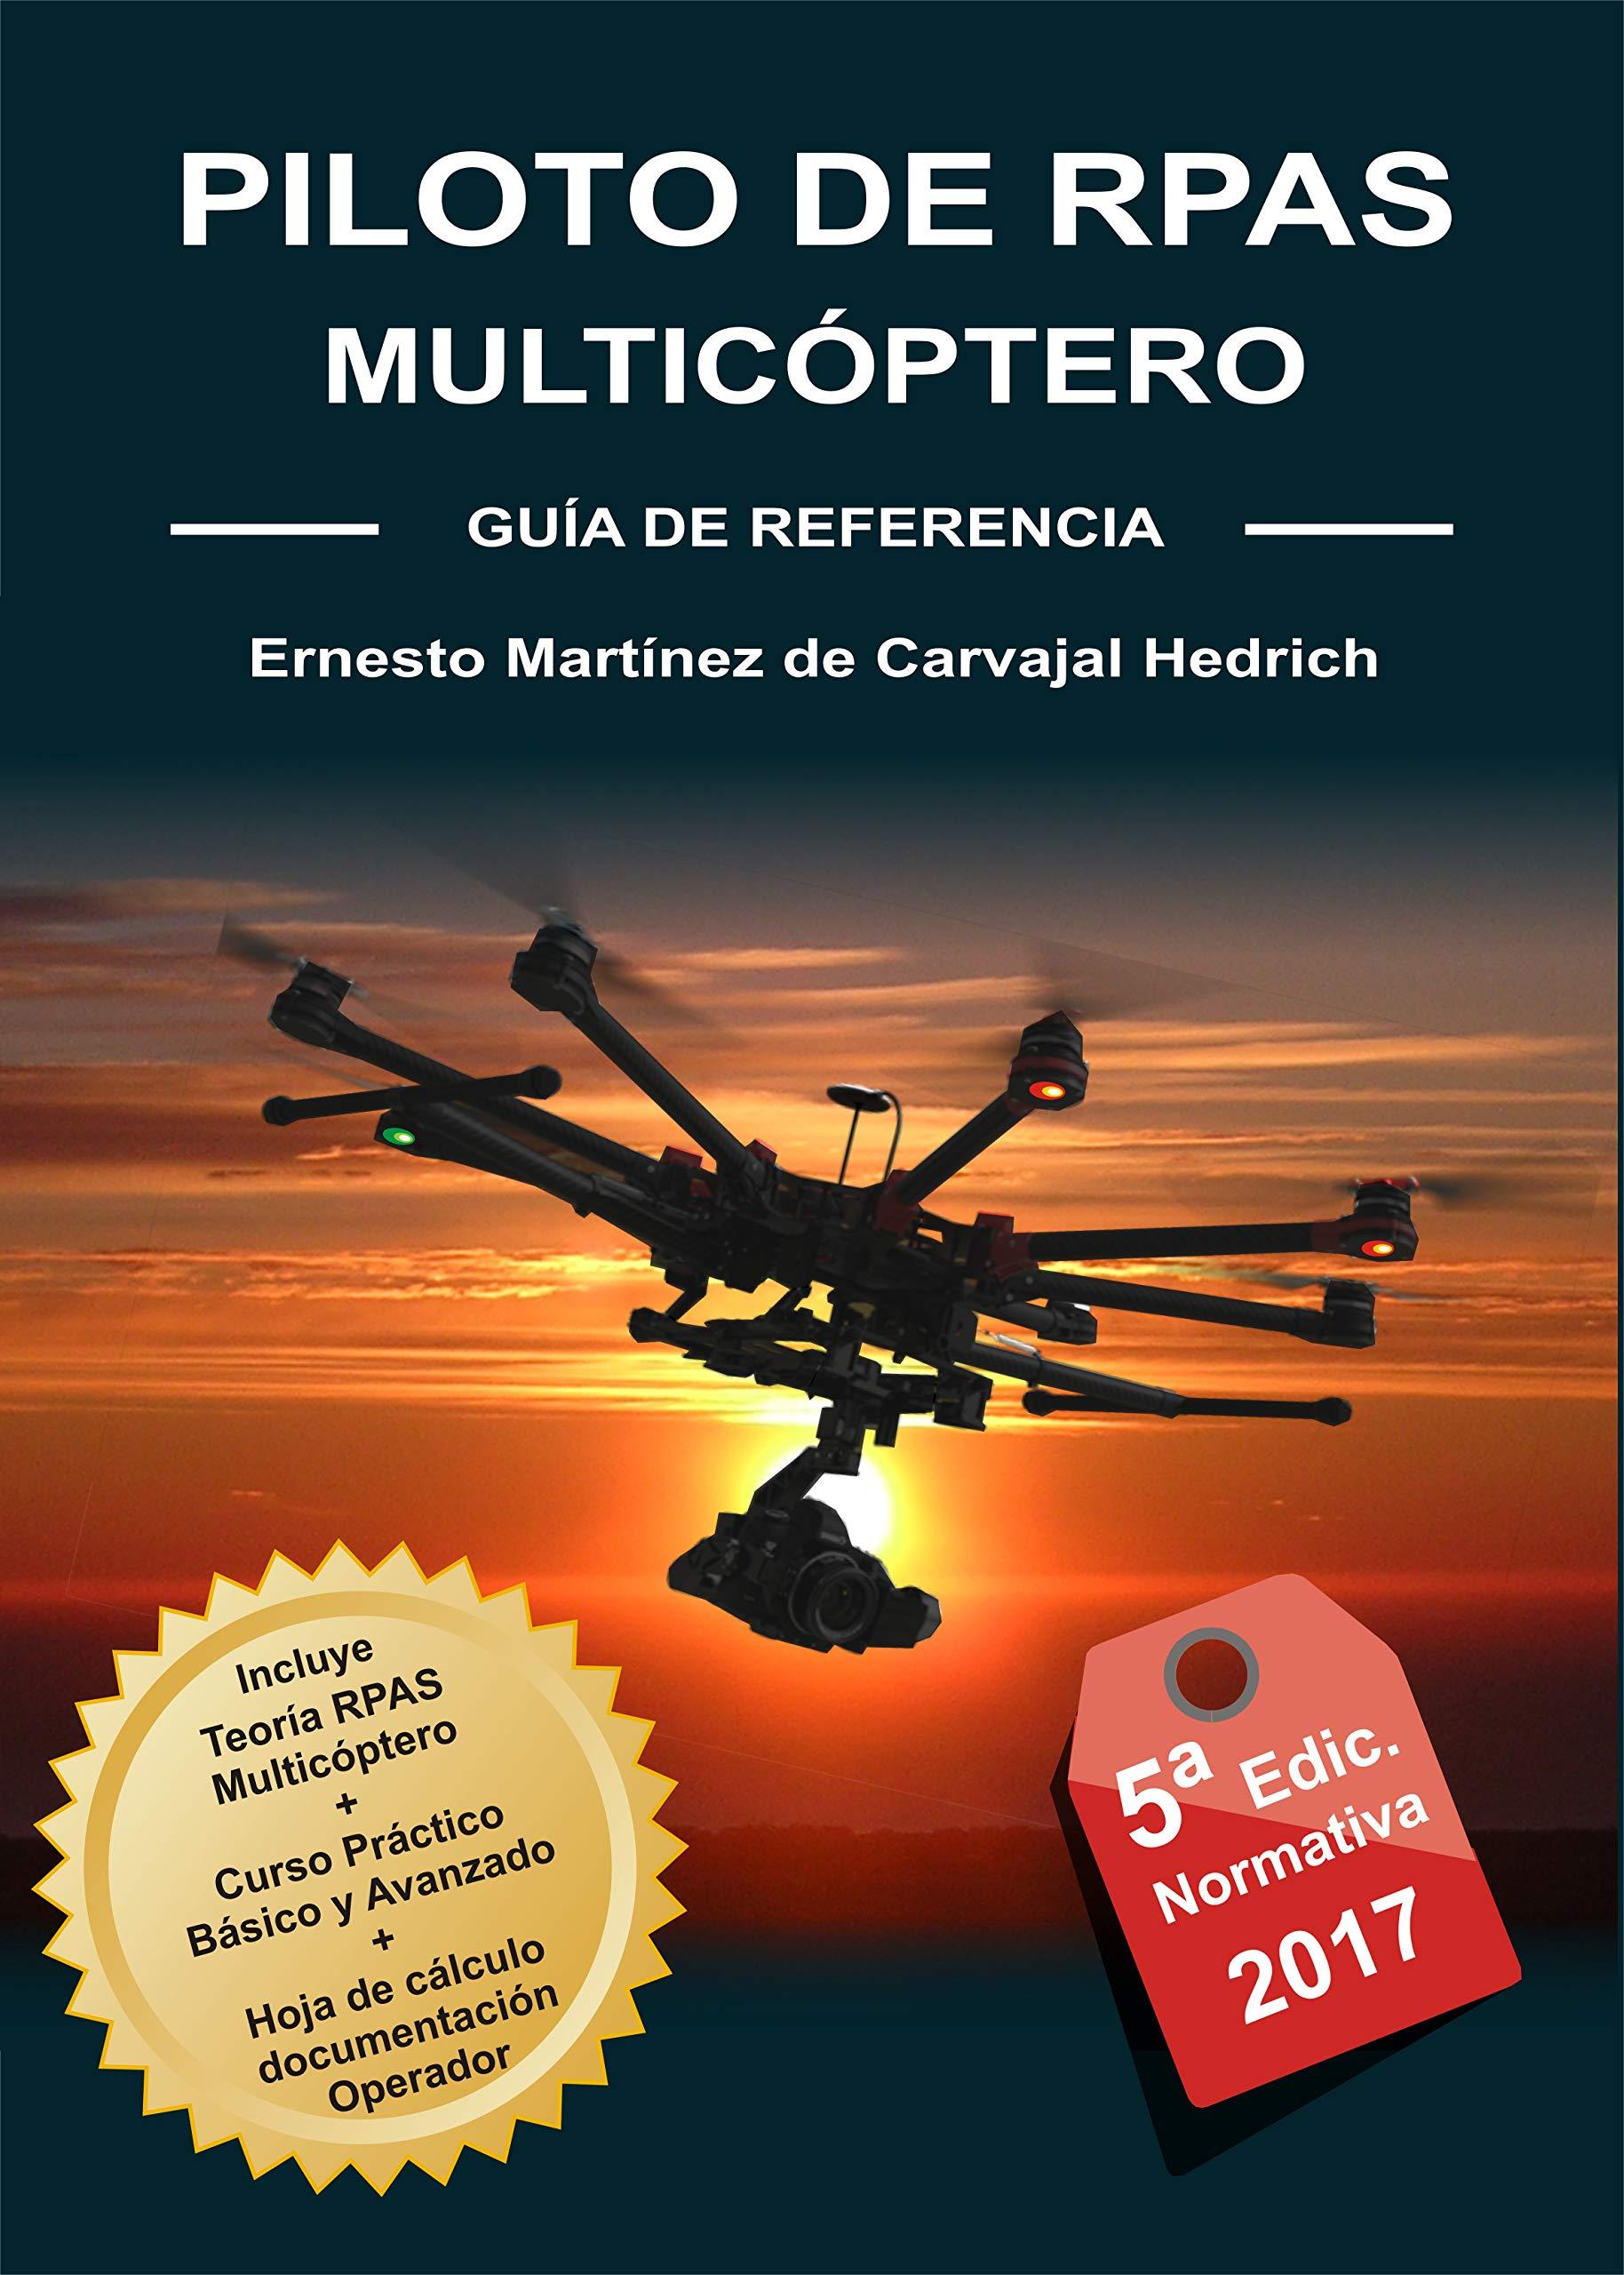 Piloto de RPAS Multicóptero: Amazon.es: Ernesto Martínez de ...